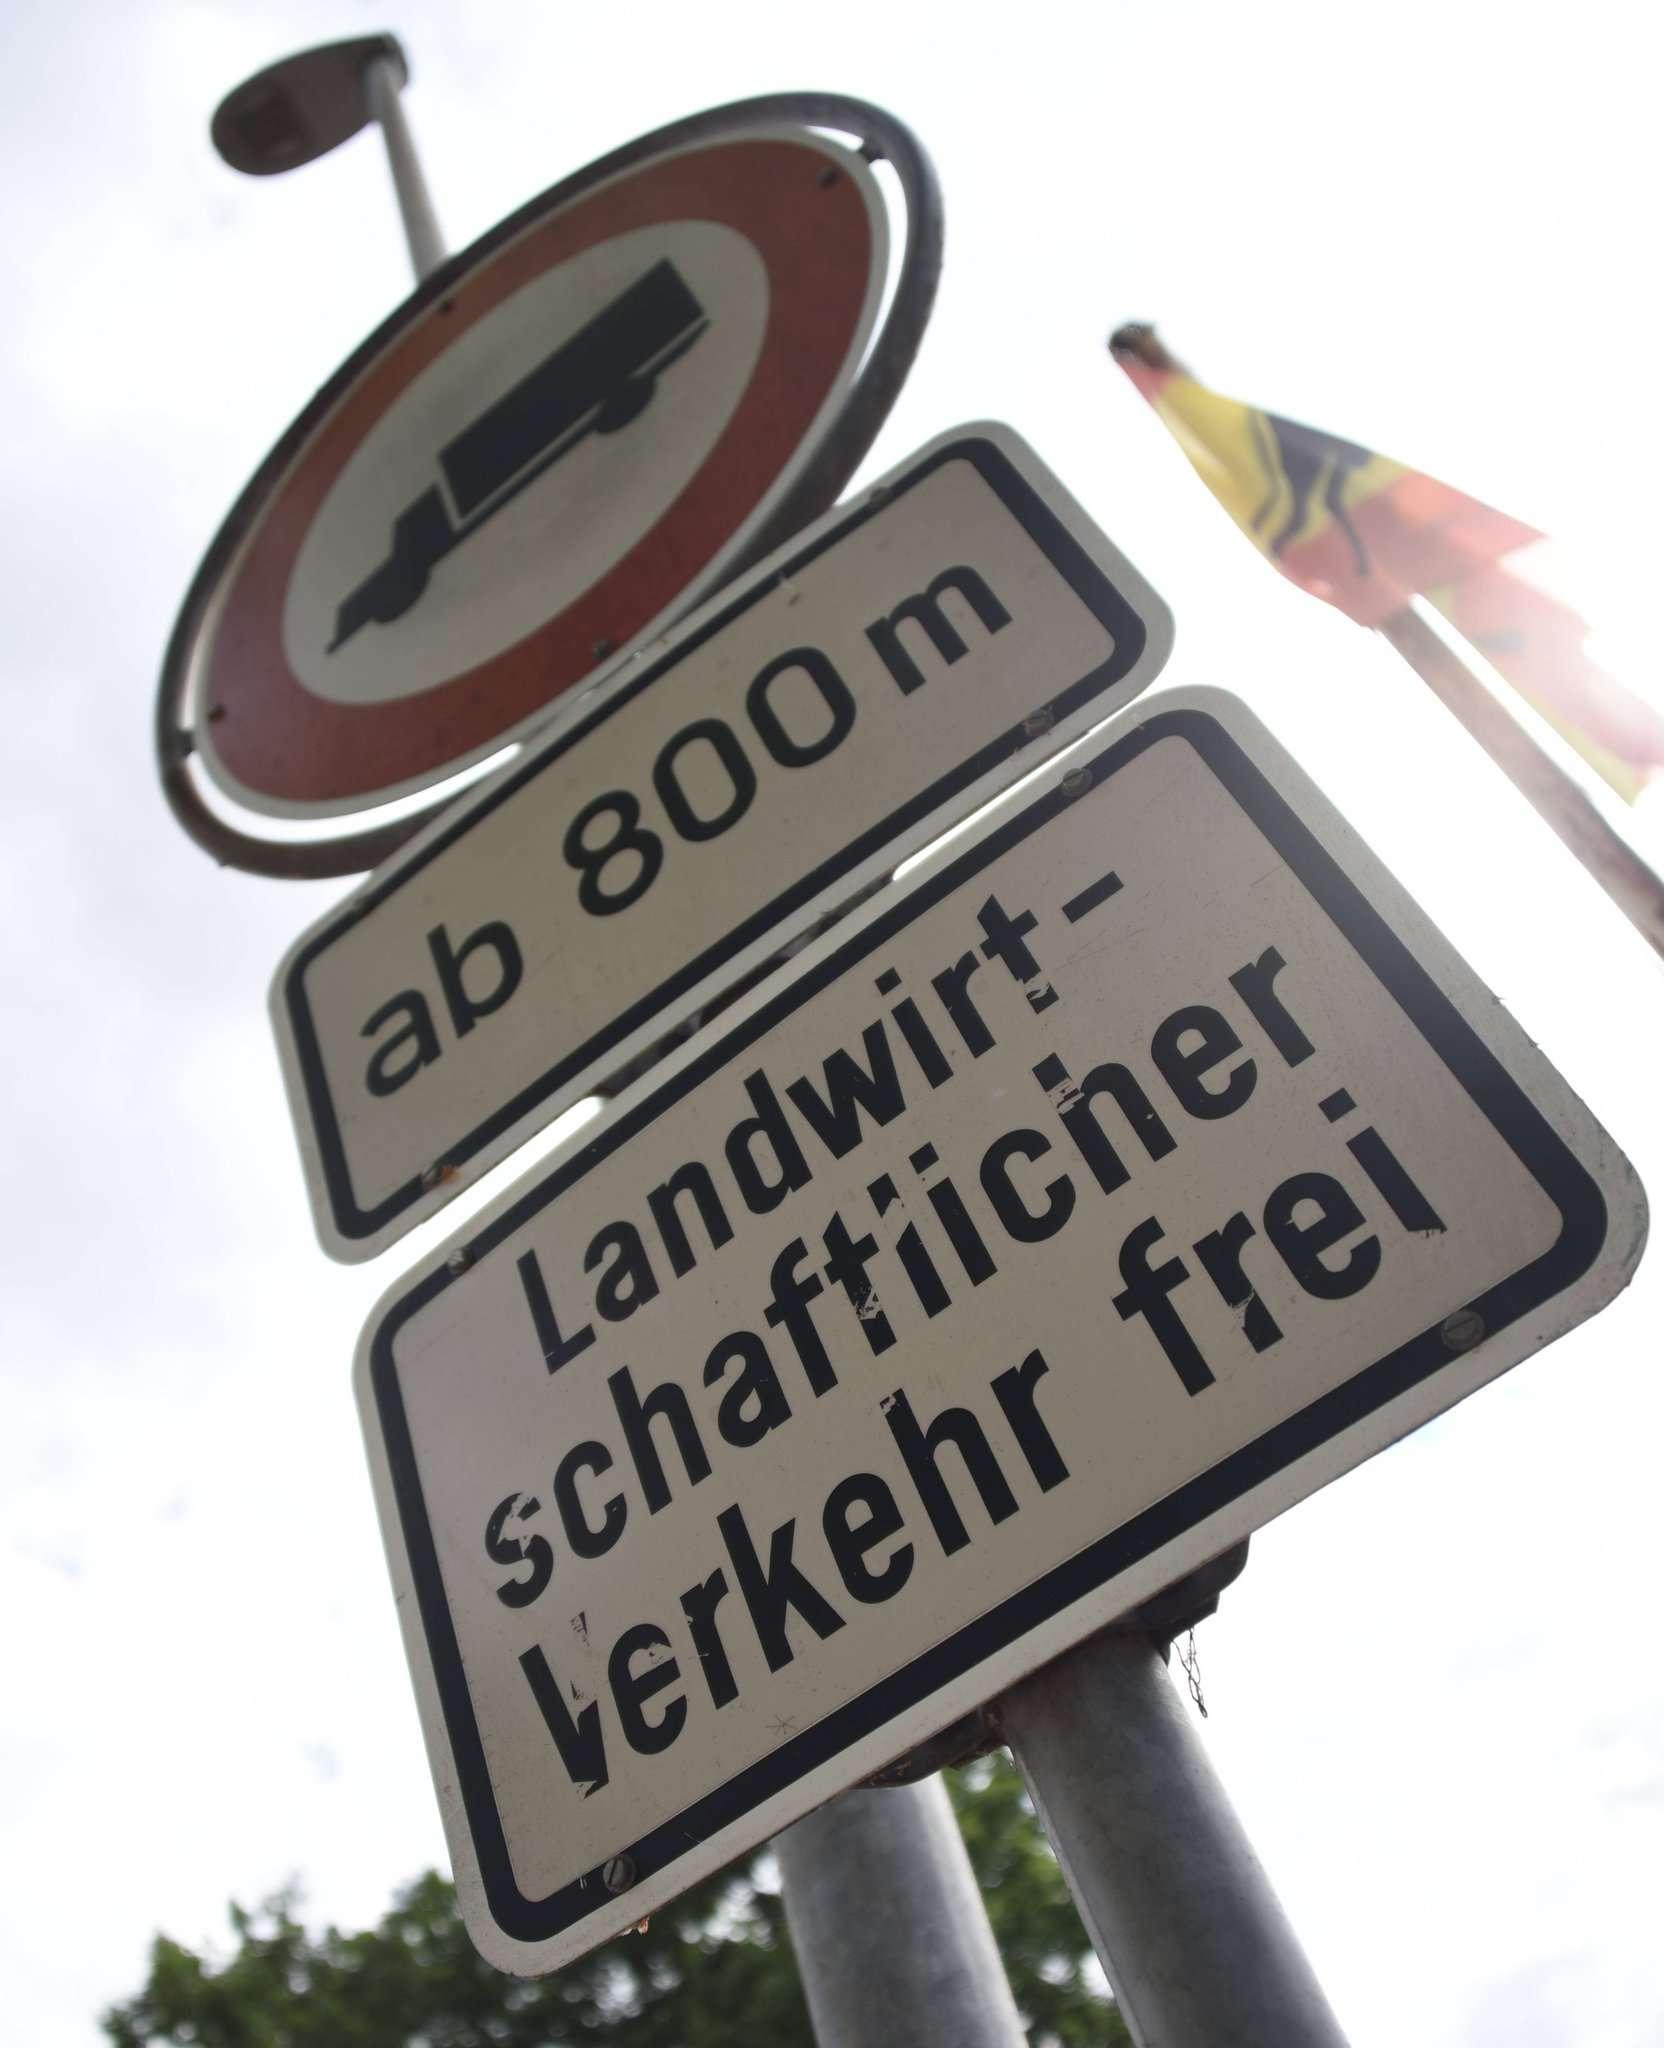 Neben dem schnellen Autoverkehr ist auch die Zahl der Laster, die in der Alten Dorfstraße unterwegs sind, ein Problem.